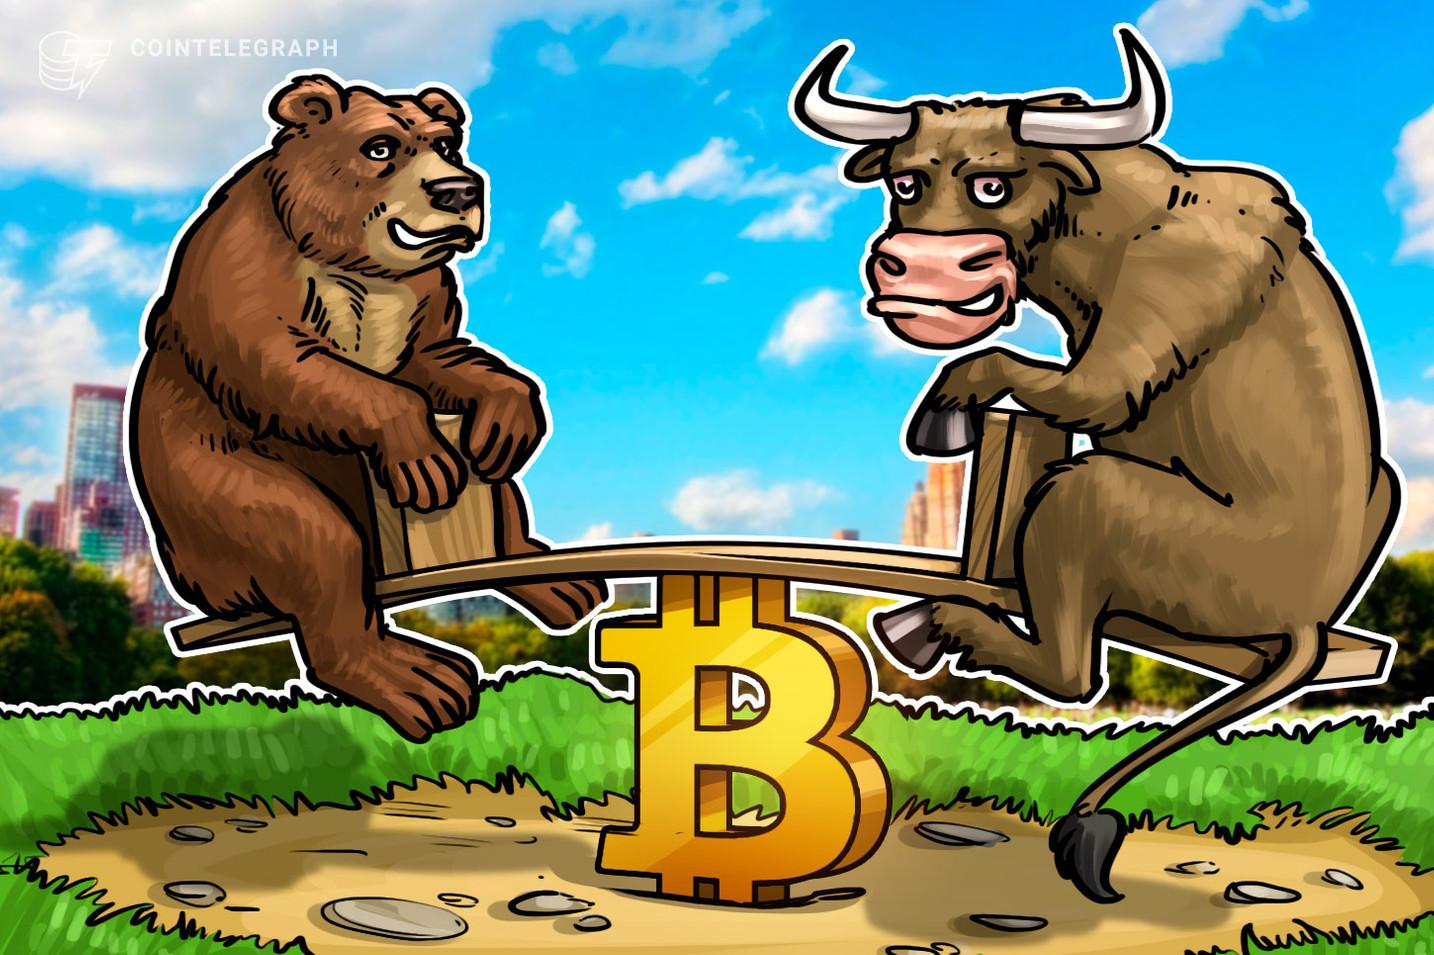 ¿Es 10,000 mil dólares una trampa alcista? Por qué el precio de Bitcoin ahora es probable que retroceda